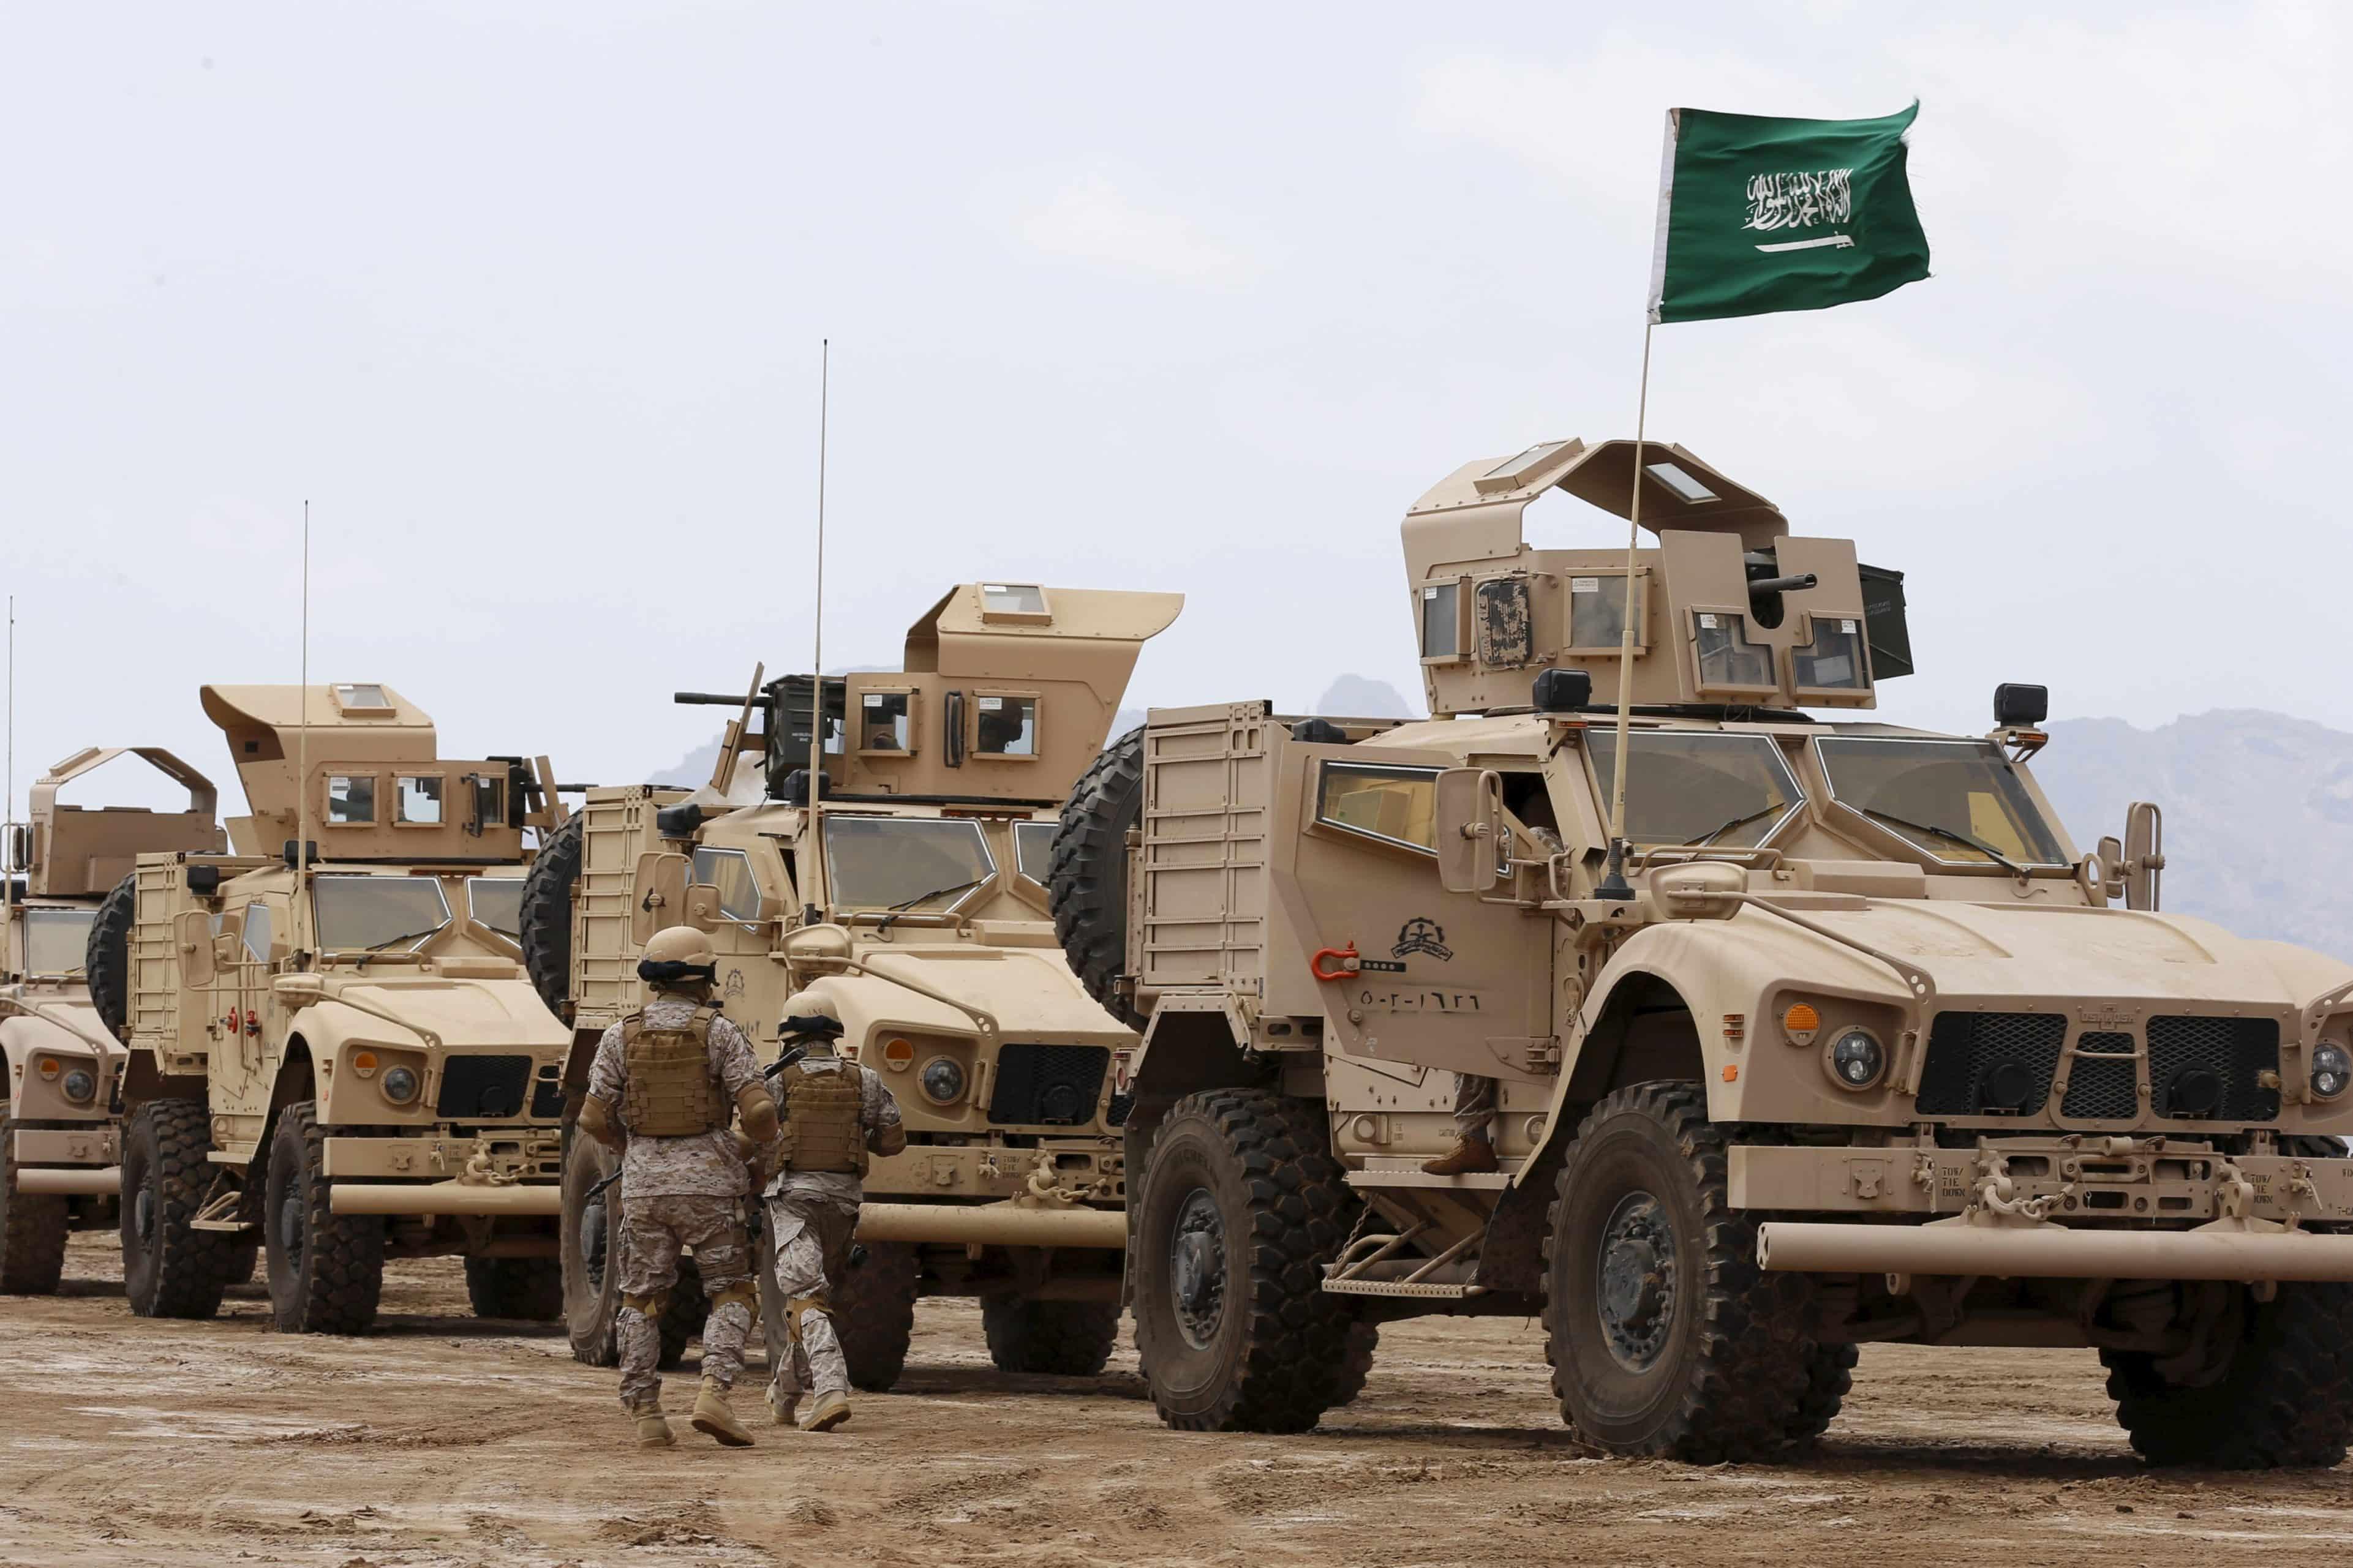 """""""مجتهد"""" ينشر وثائق مسربة بها معلومات صادمة عما يحدث بصفوف قوات السعودية في اليمن بشهادة الجنود"""